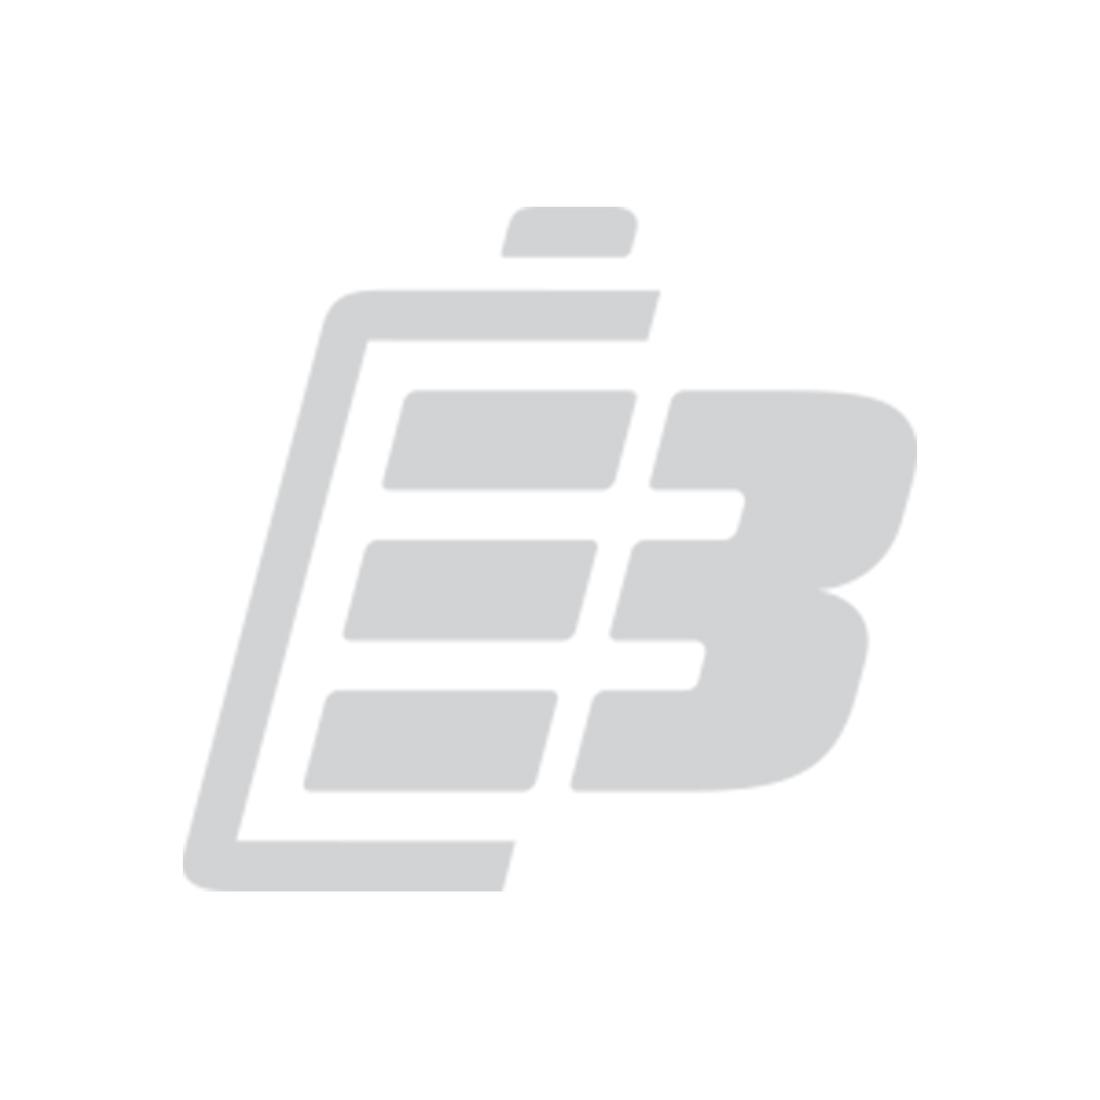 Μπαταρία κινητού τηλεφώνου Alcatel One Touch 808_1